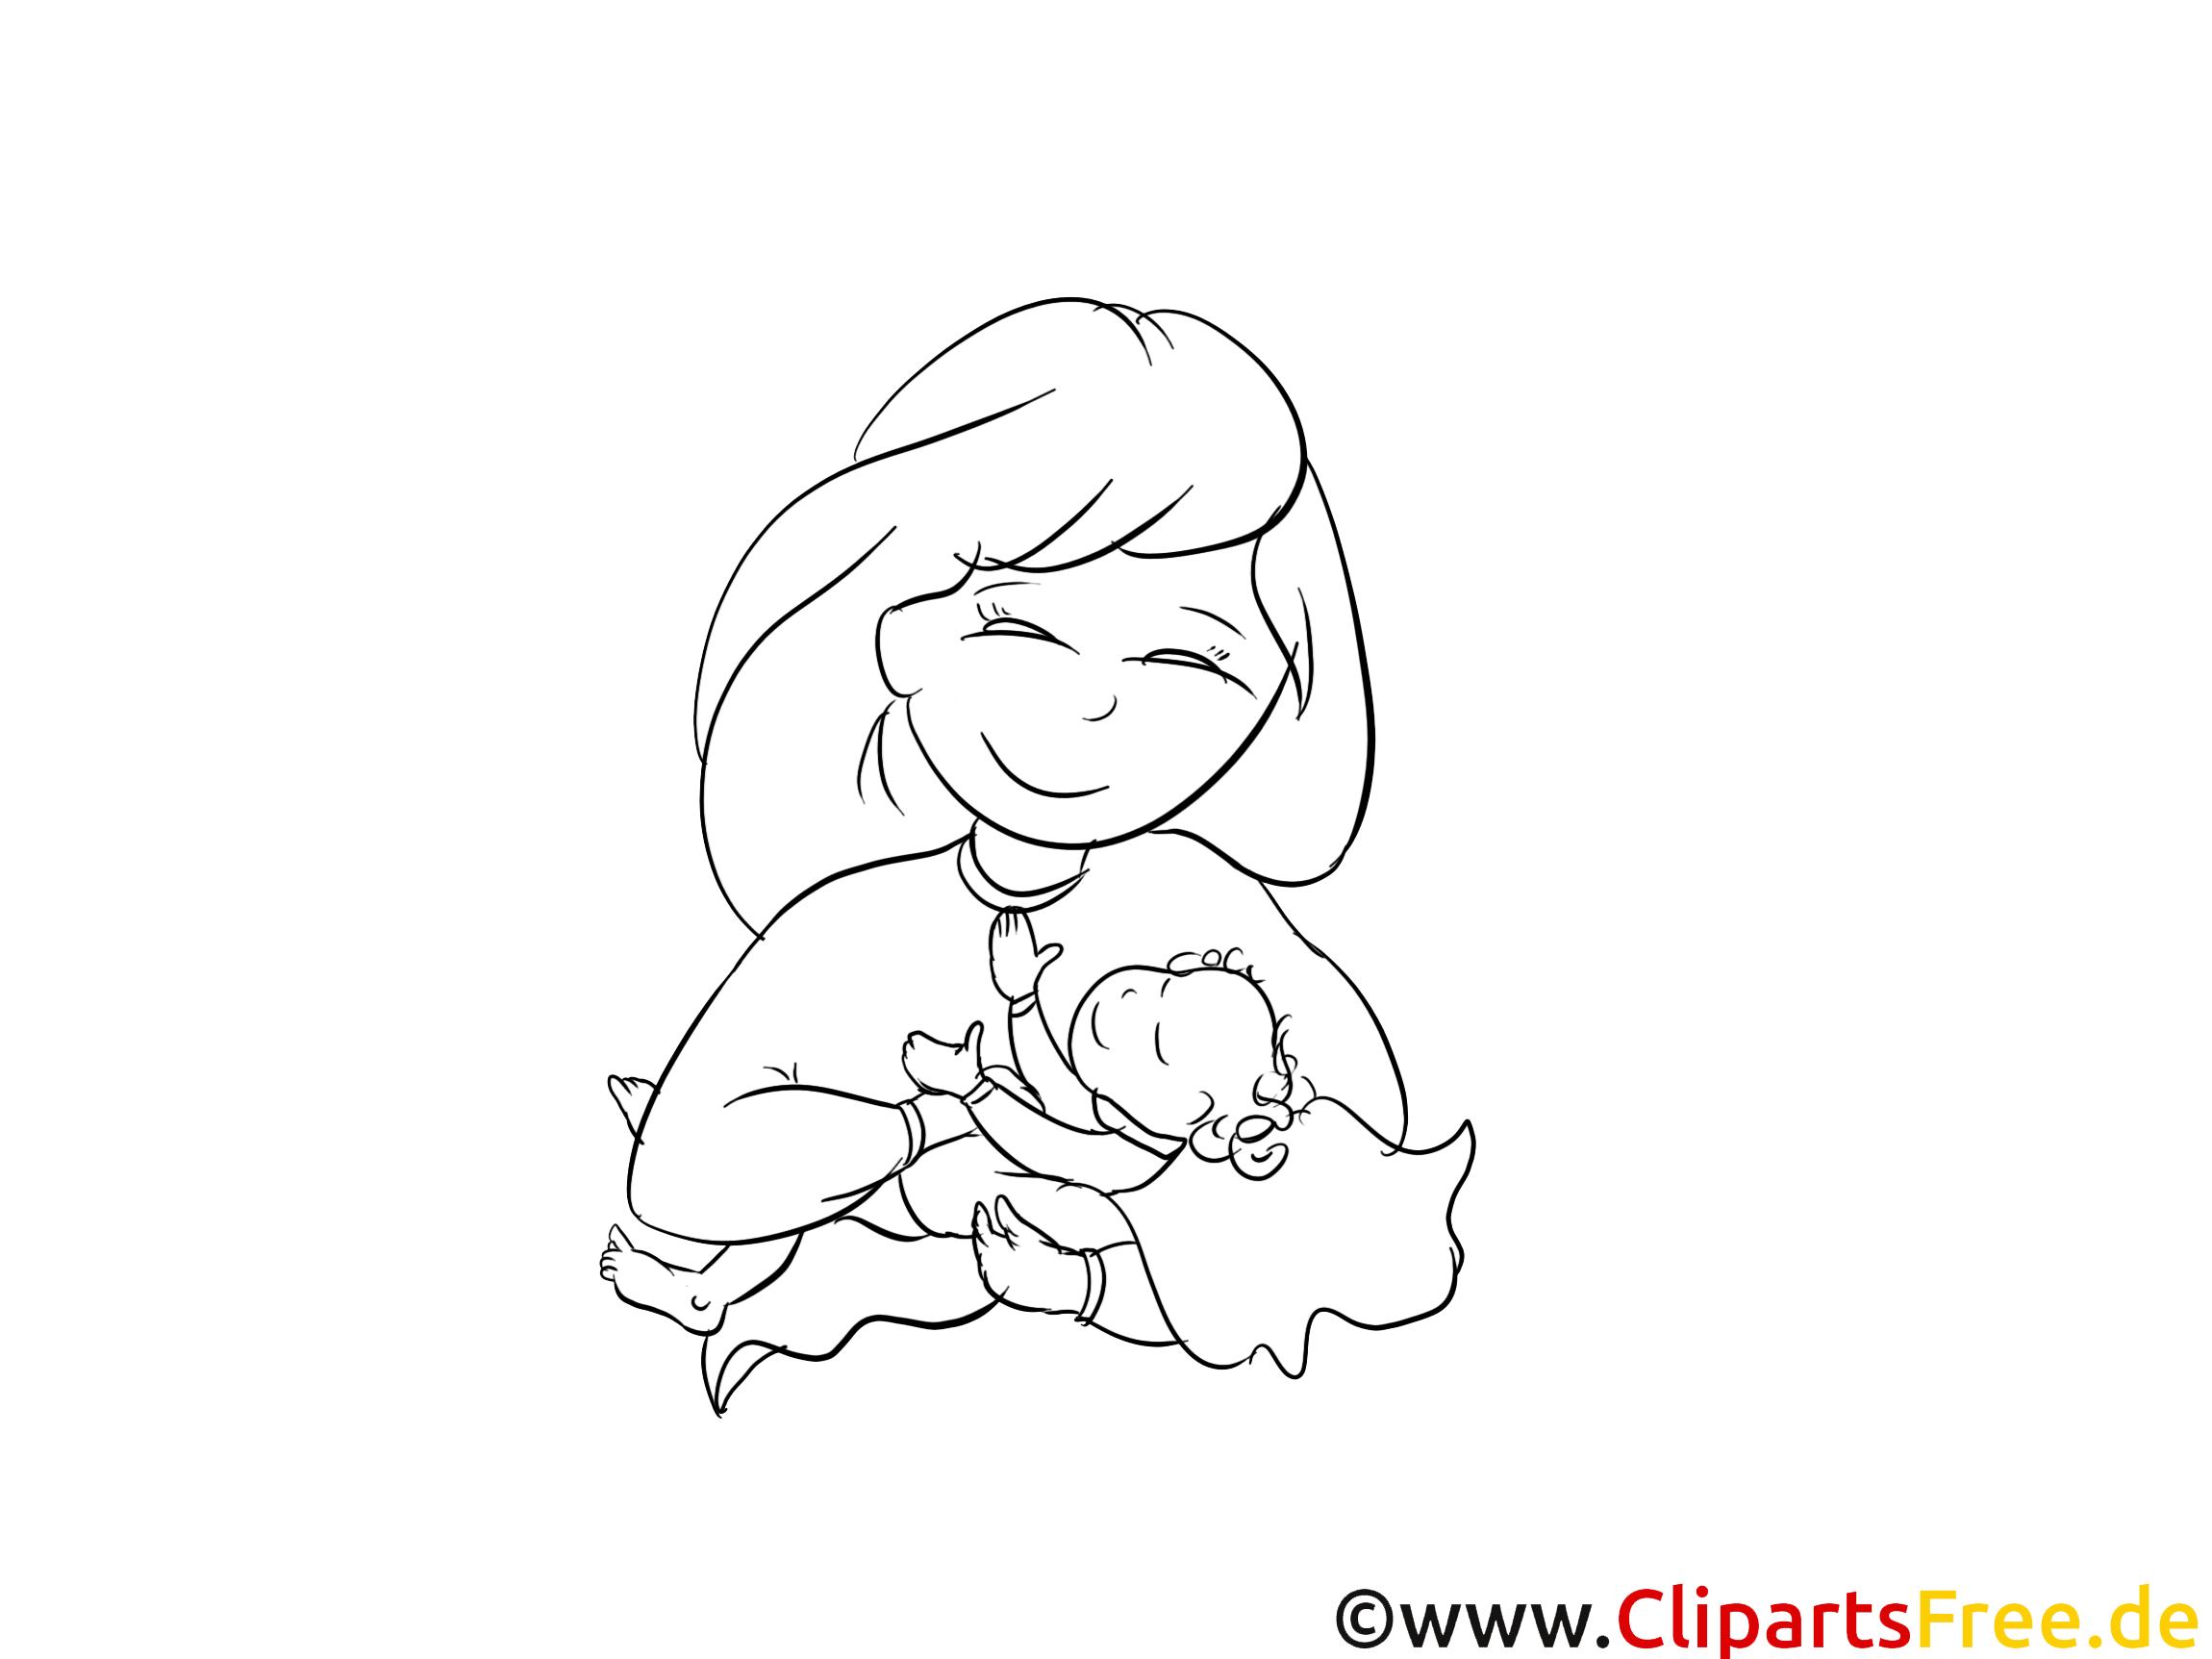 Alles Gute Zum Geburtstag Mama Ausmalbilder : Gro Z Gig Malvorlagen F R Mama Bilder Framing Malvorlagen